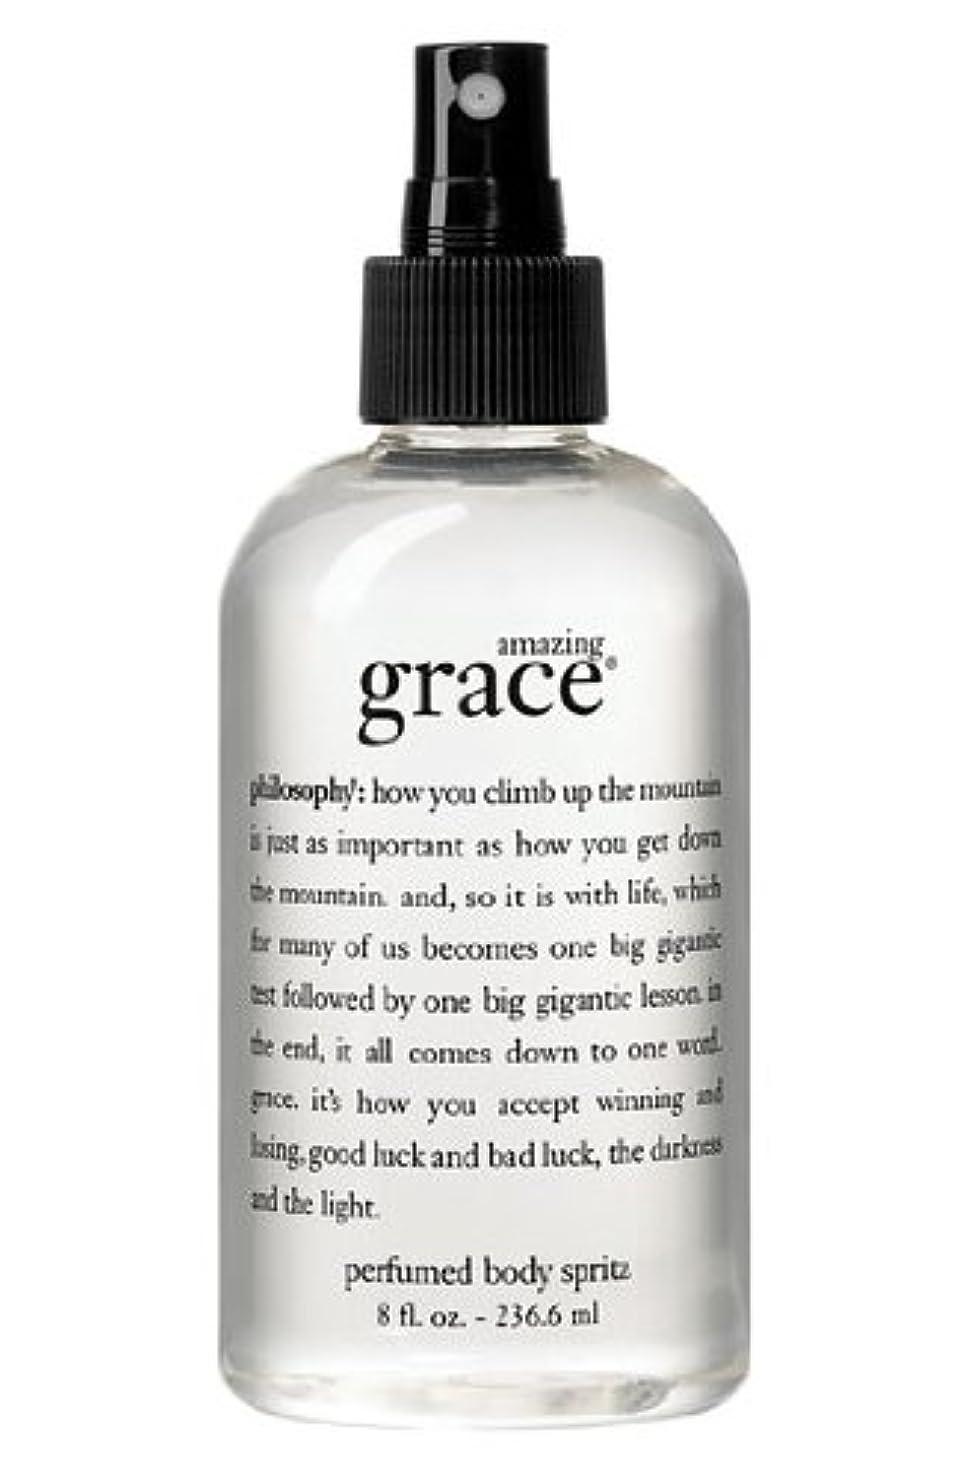 小麦ハーフ突然amazing grace perfumed body spritz (アメイジング グレイス パフュームドボディースプリッツ) 8.0 oz (240ml) for Women